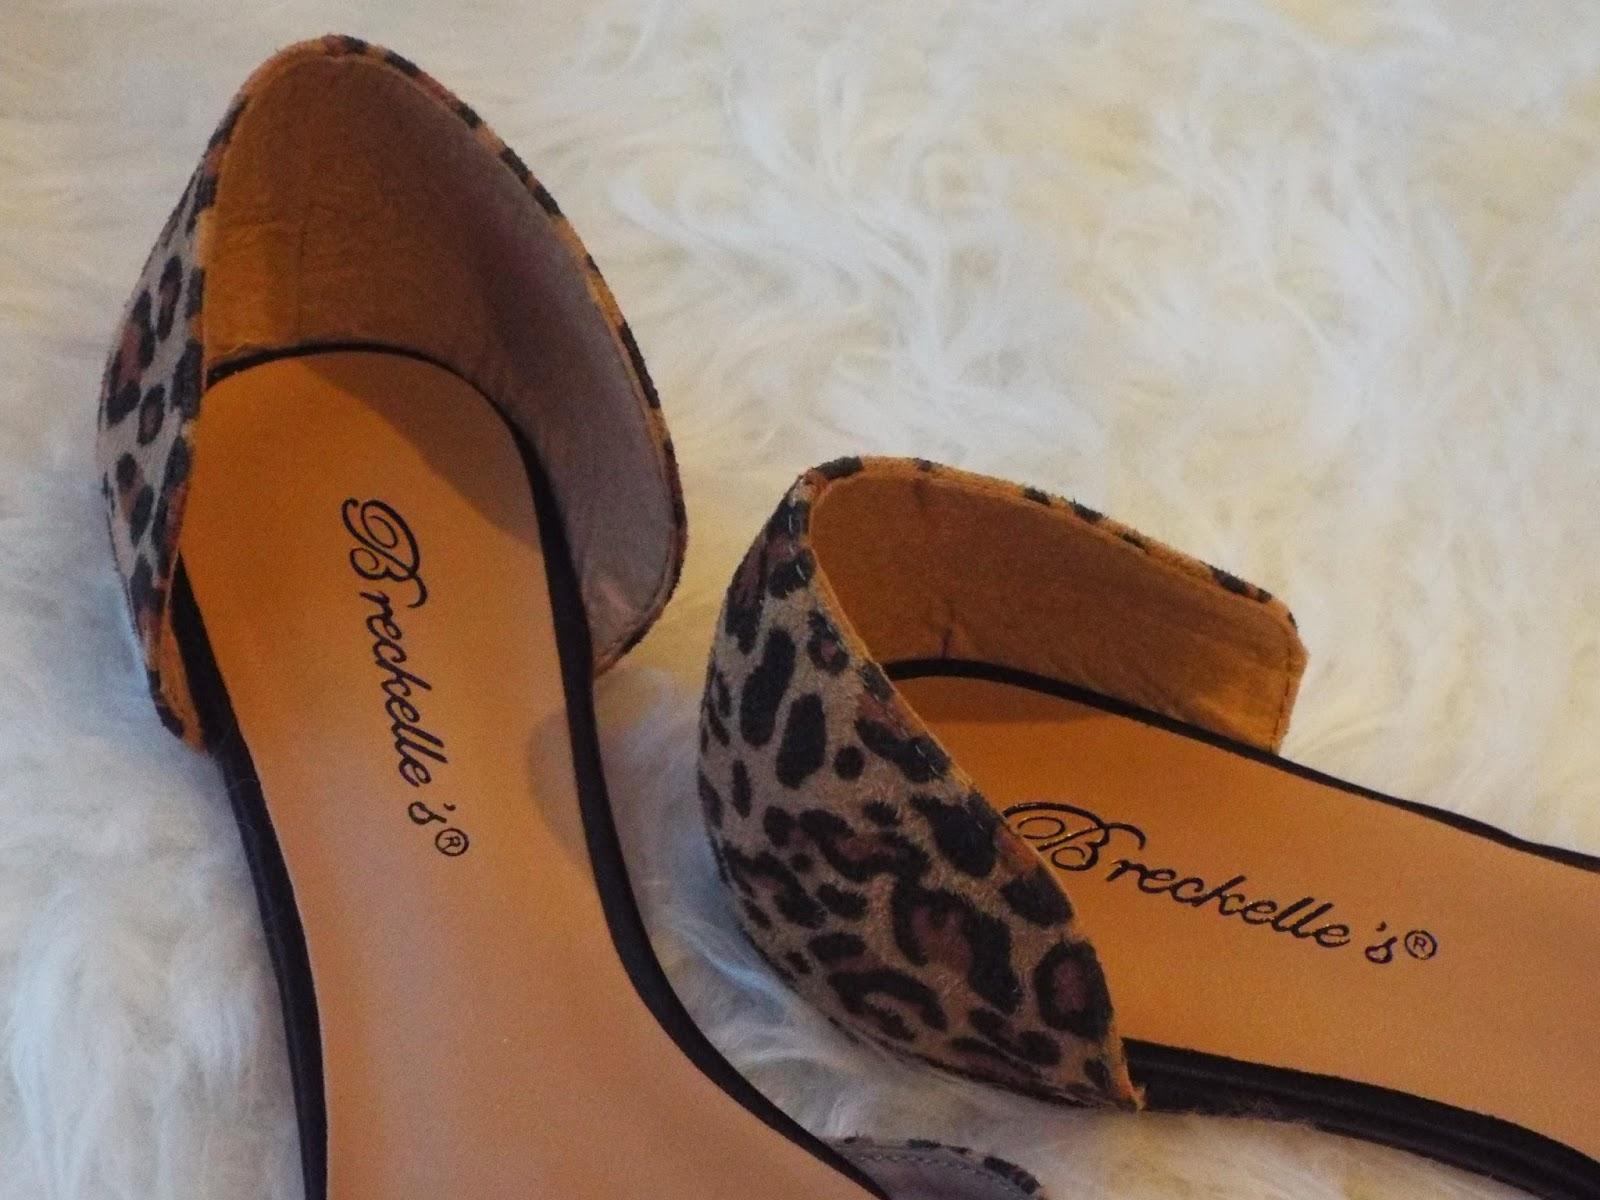 breckelles leopard flats dorsay